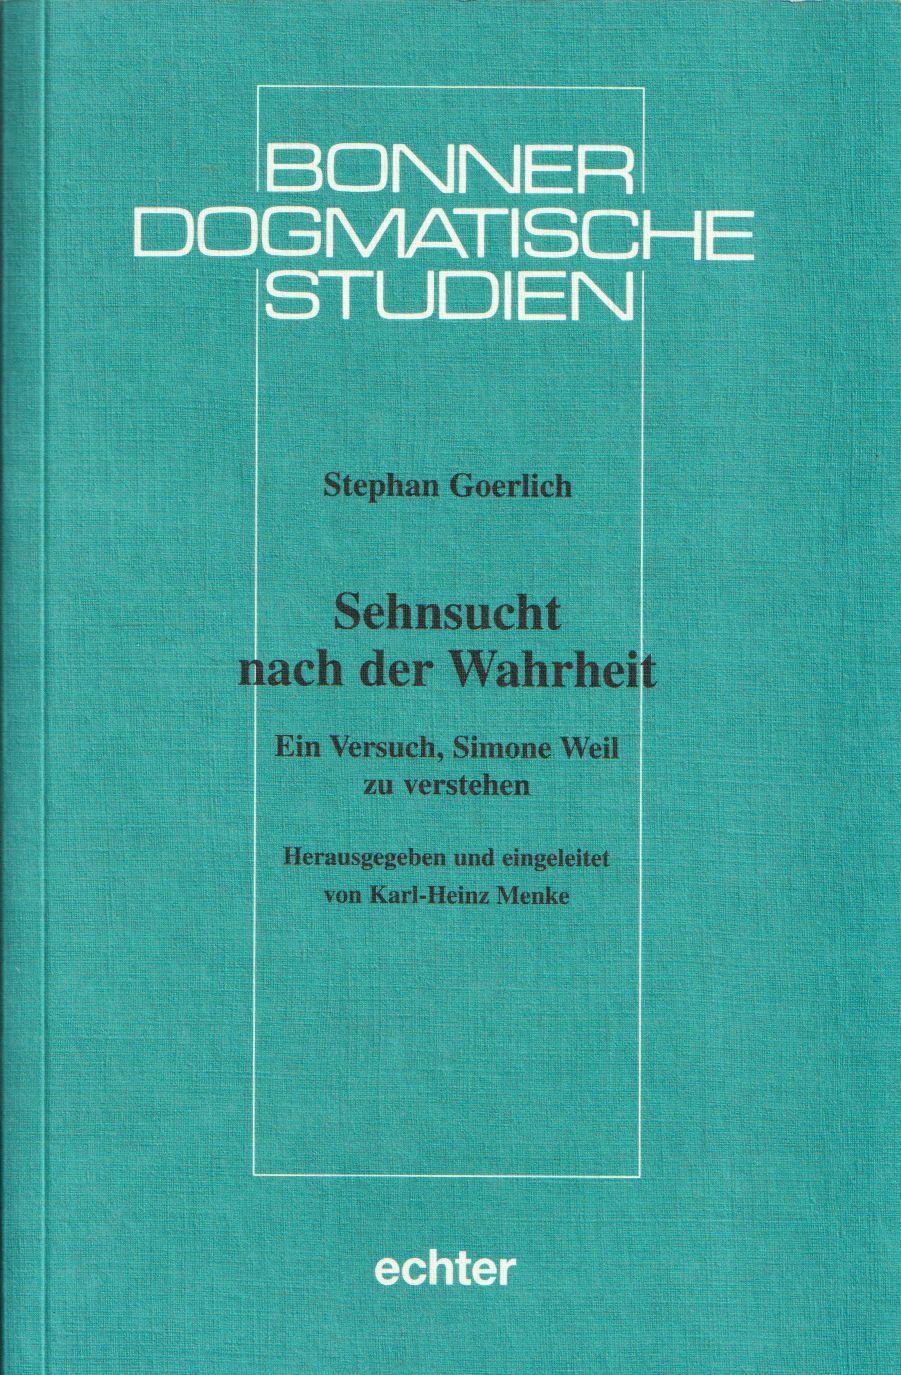 Sehnsucht nach der Wahrheit. Ein Versuch, Simone Weil zu verstehen. - Goerlich, Stephan